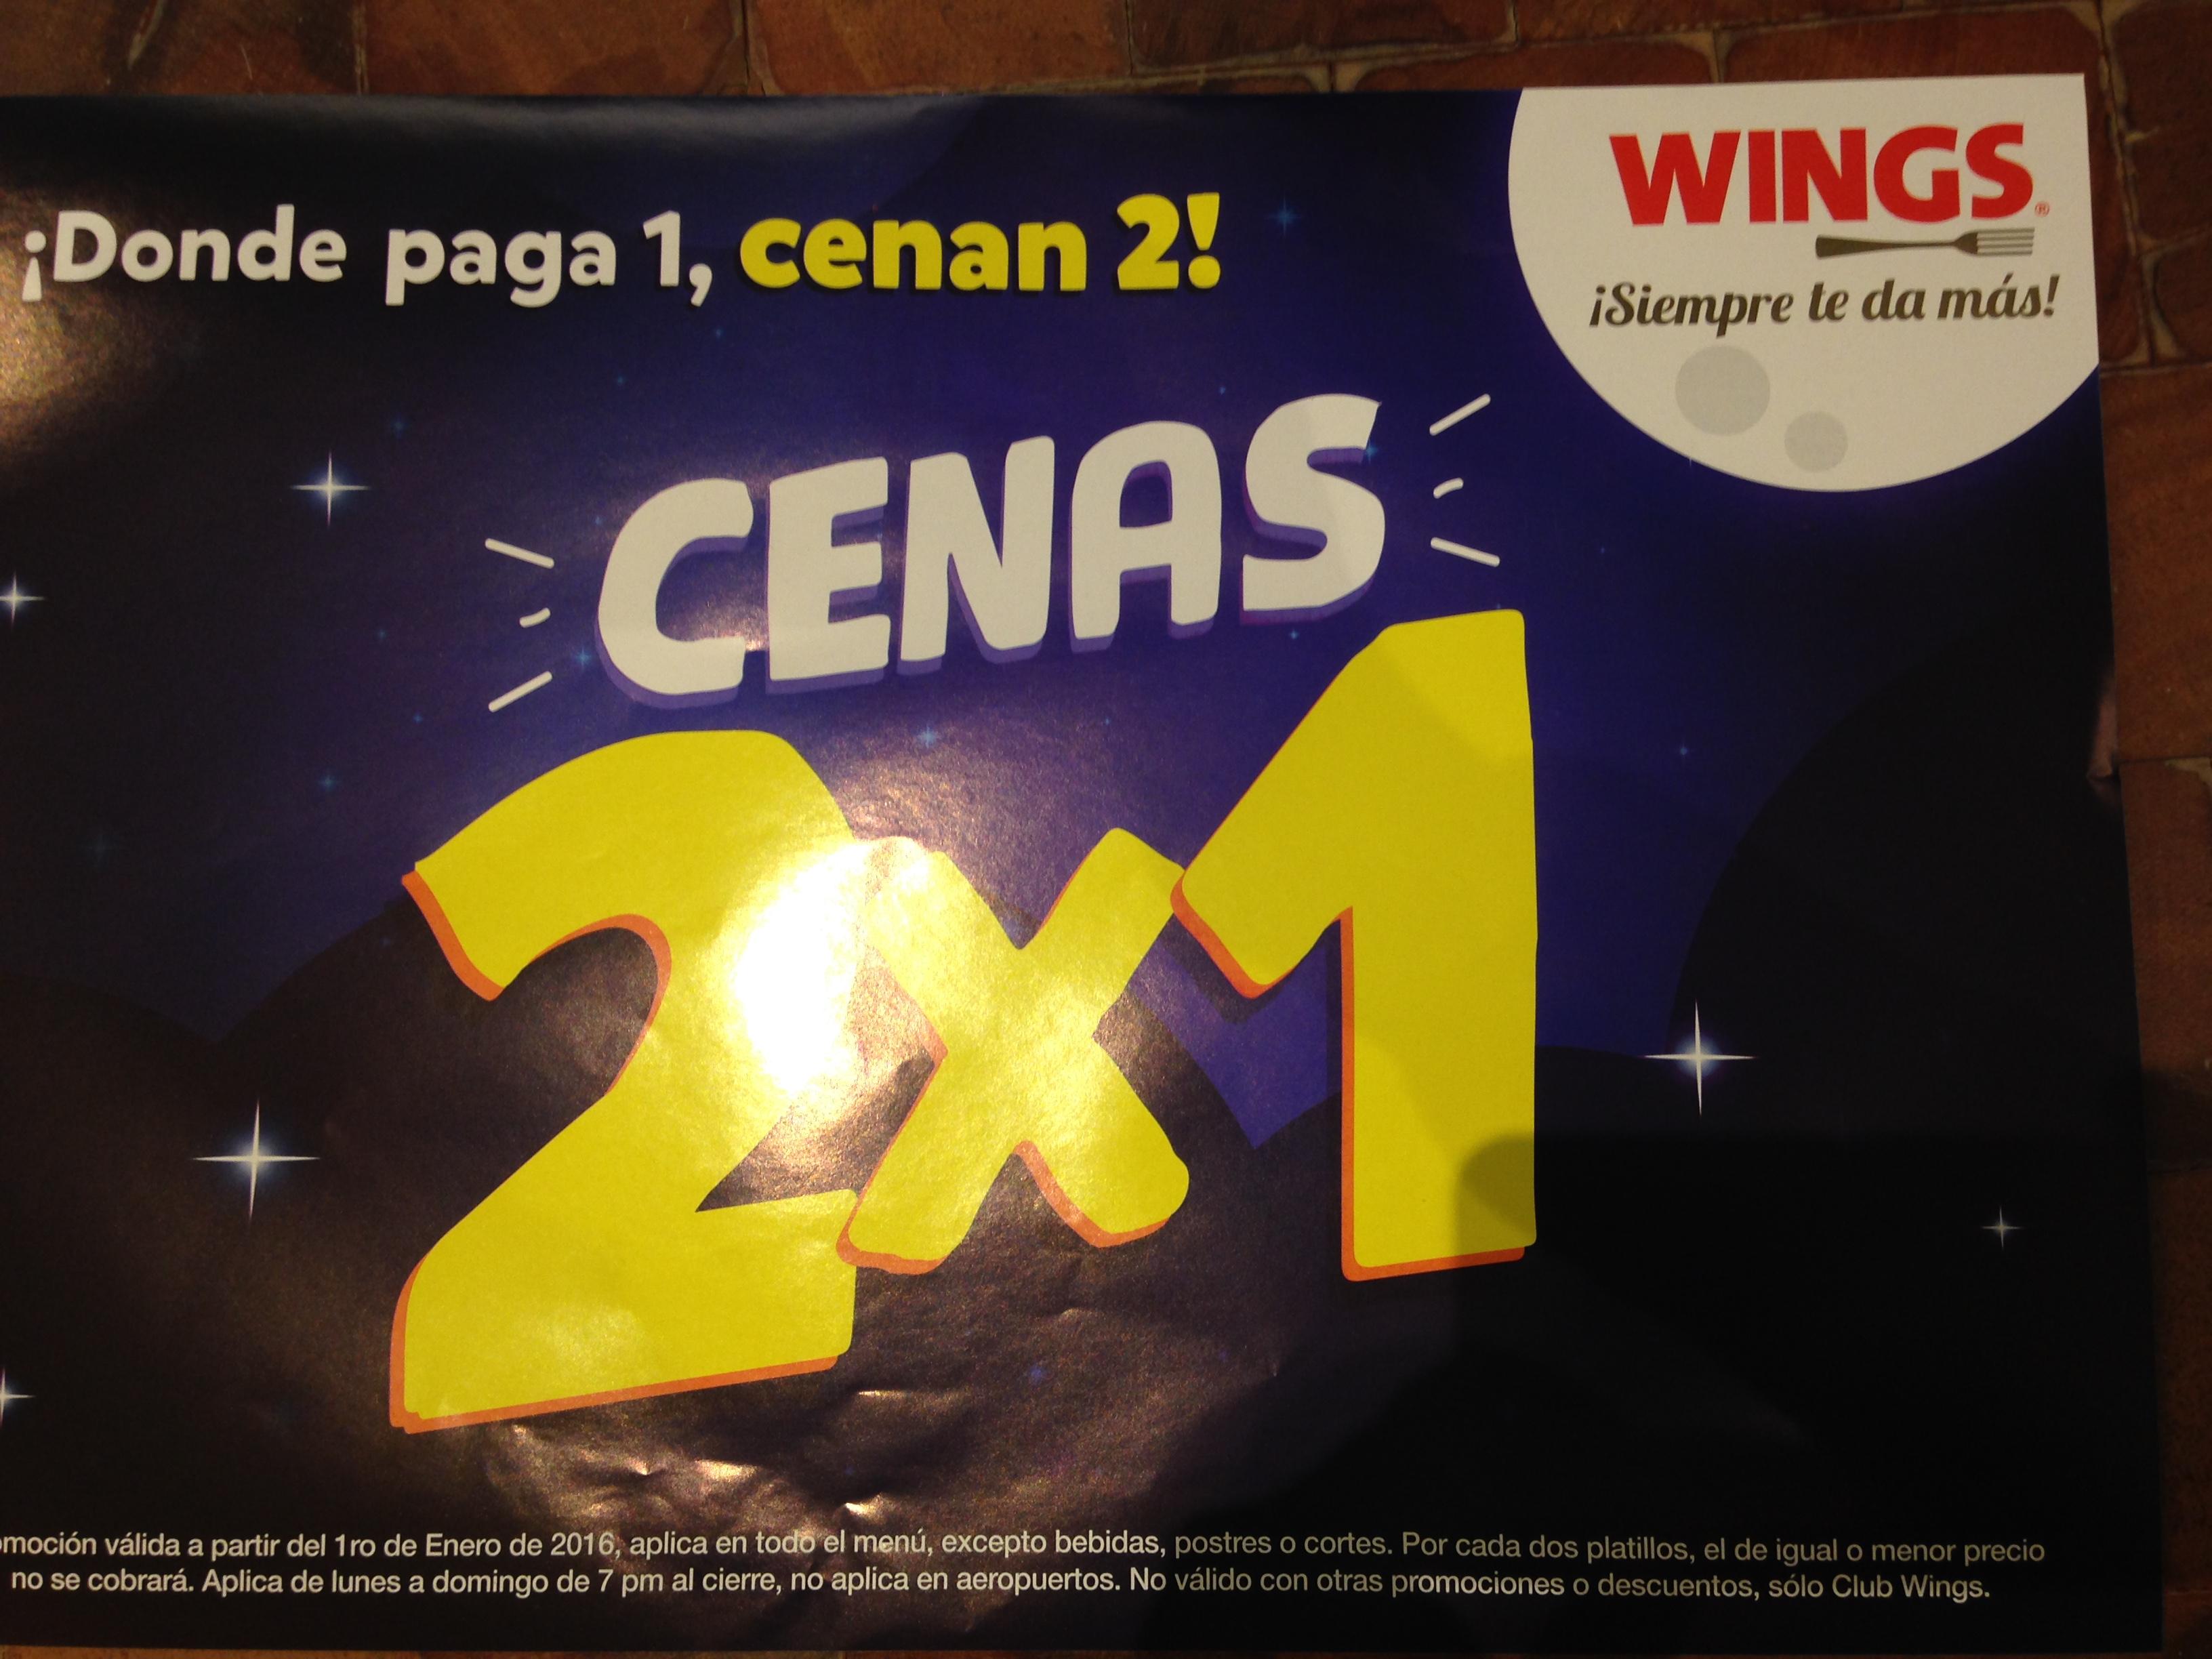 Cenas 2x1 WING'S